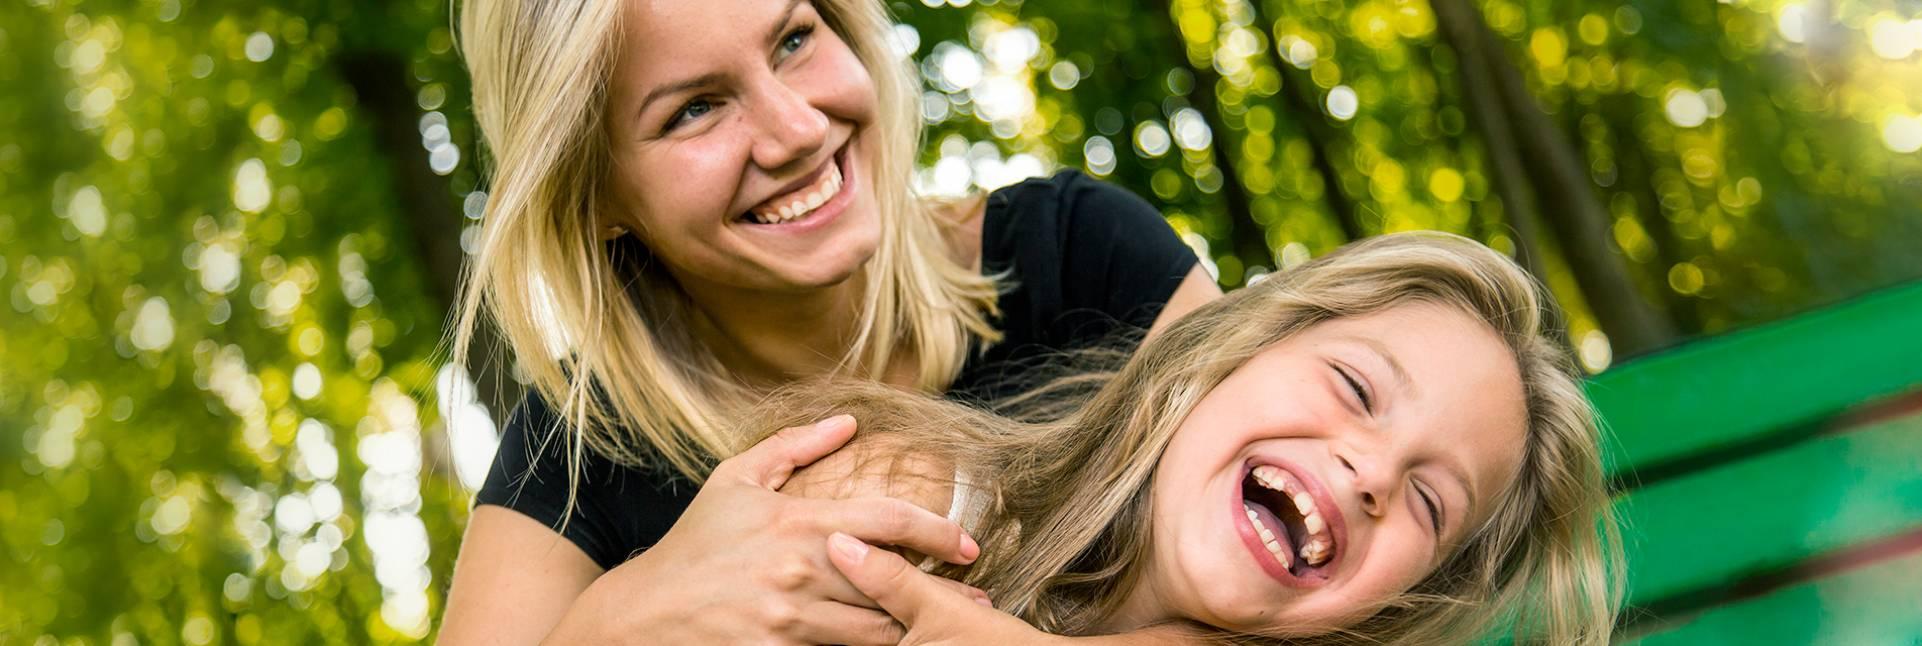 5 consejos para el tratamiento de las aftas bucales